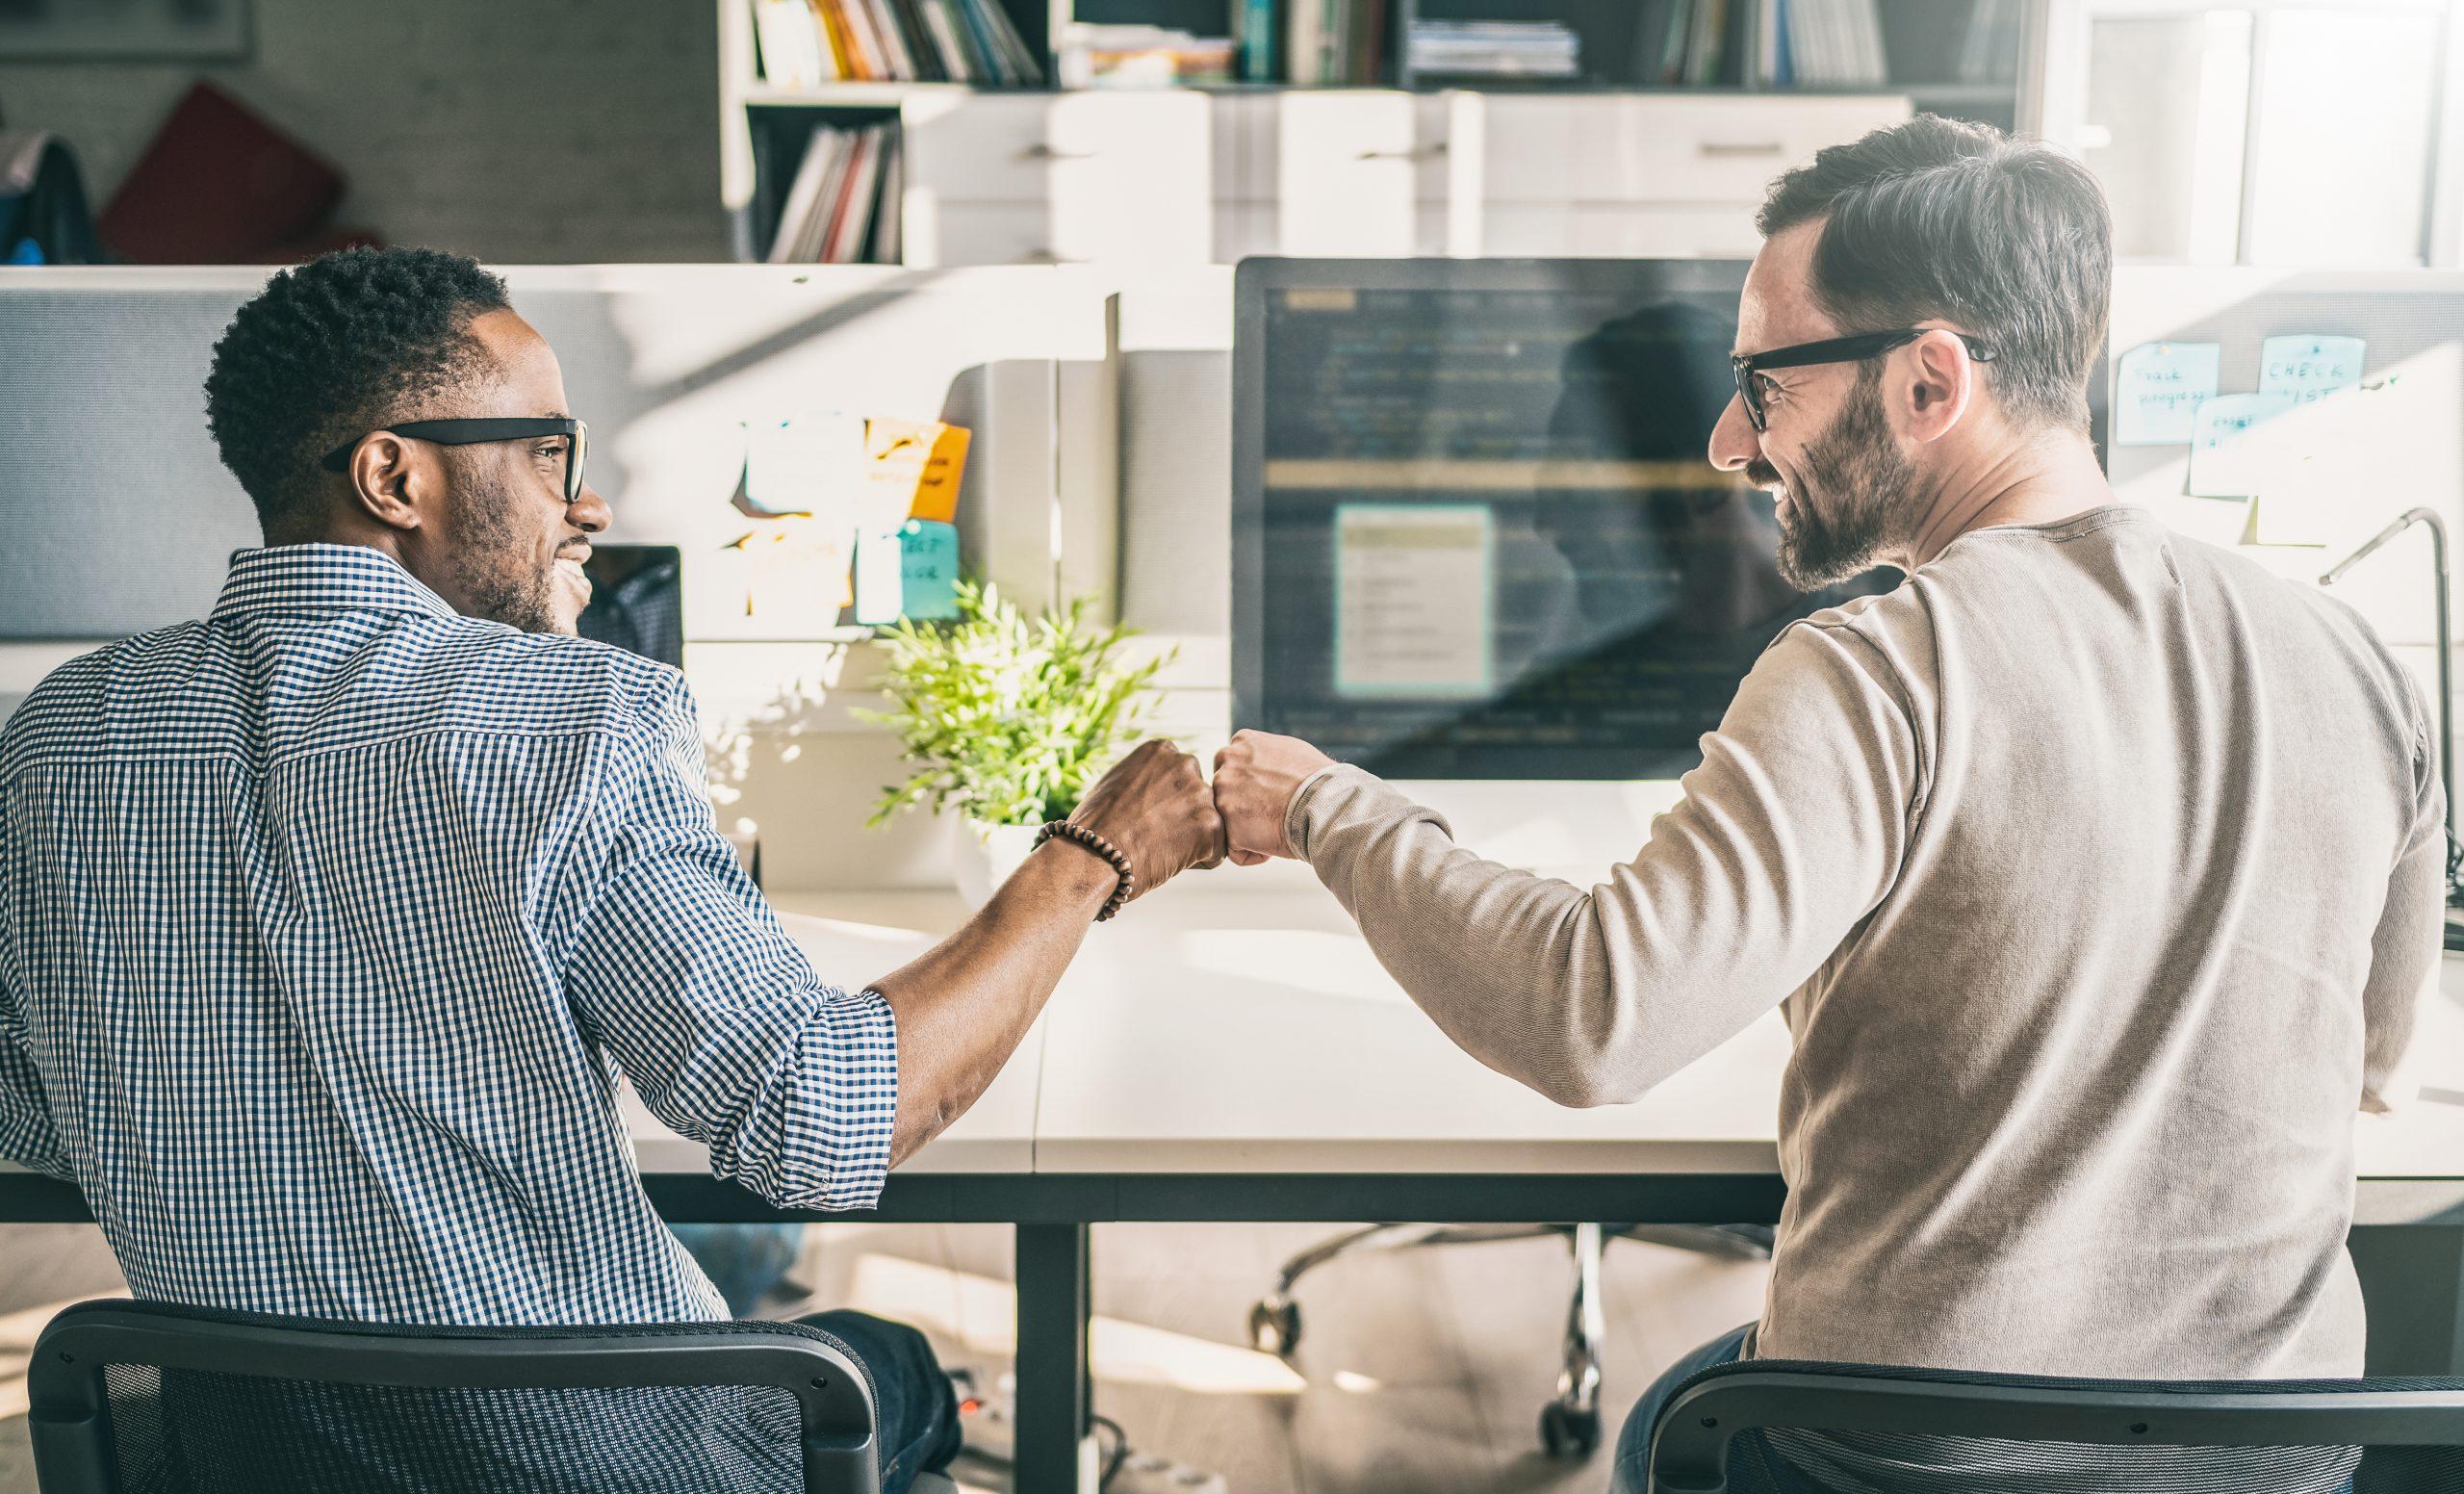 Een positieve bedrijfscultuur creëer je door het najagen van 'small wins'